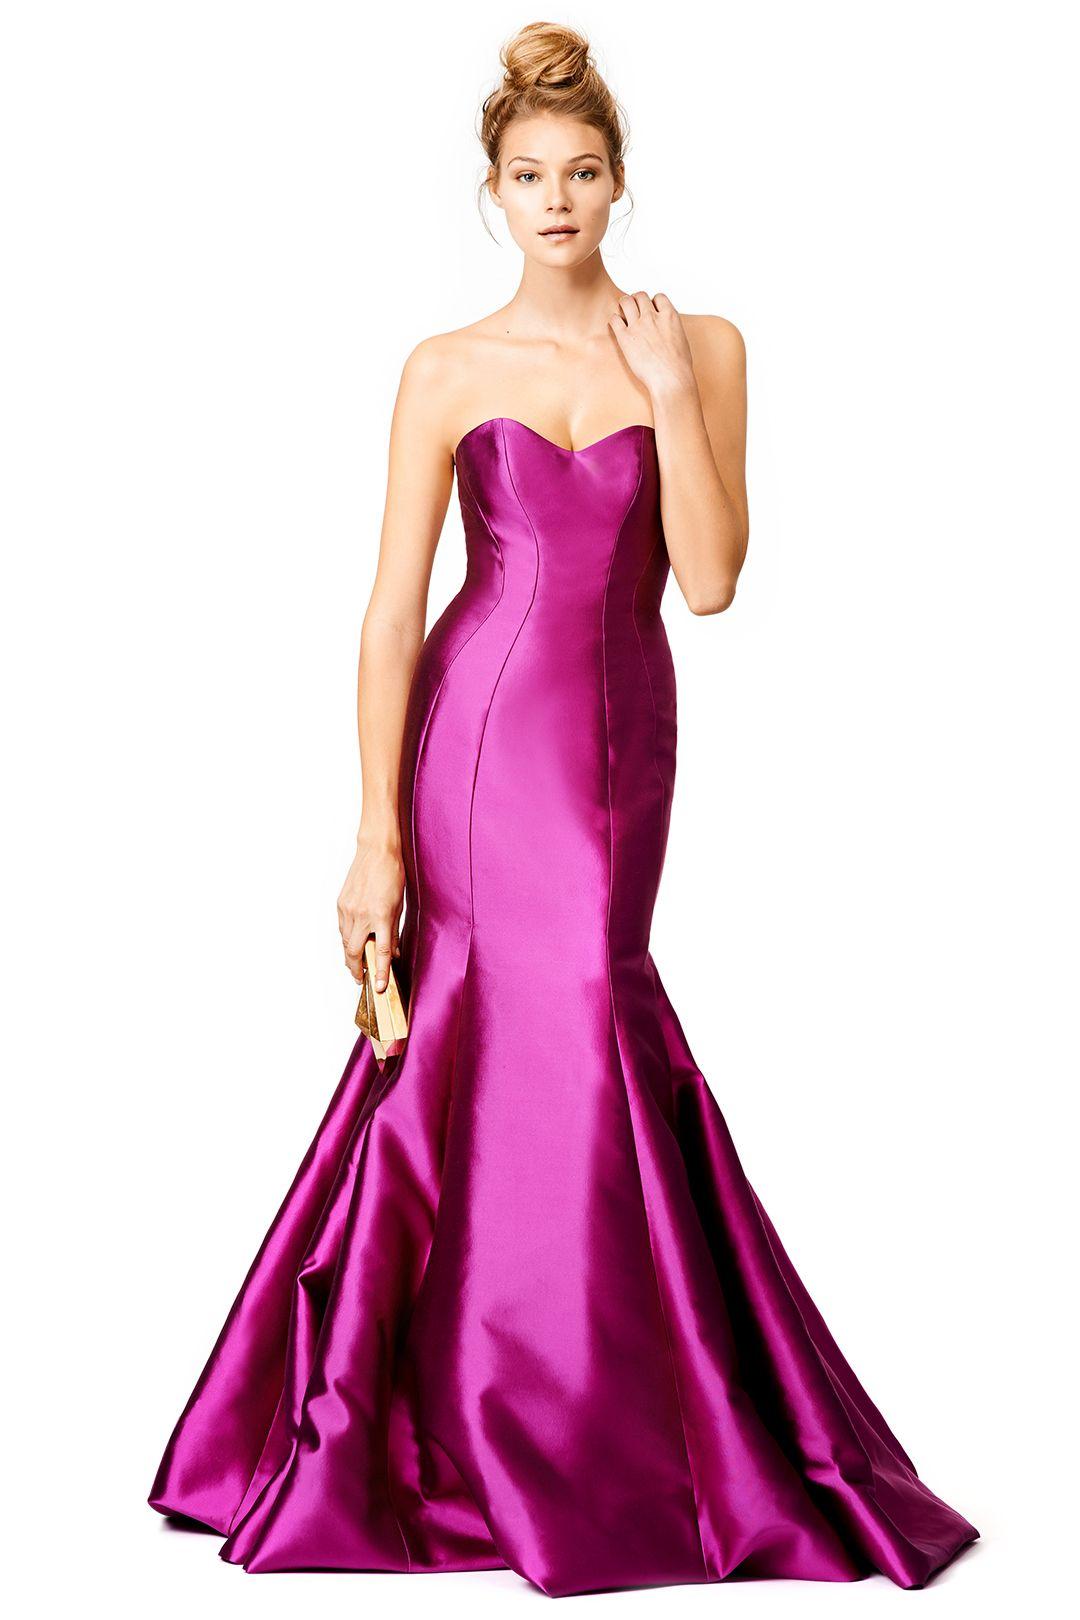 Declaration Gown | Pinterest | Vestidos de fiesta, Damas y Vestiditos